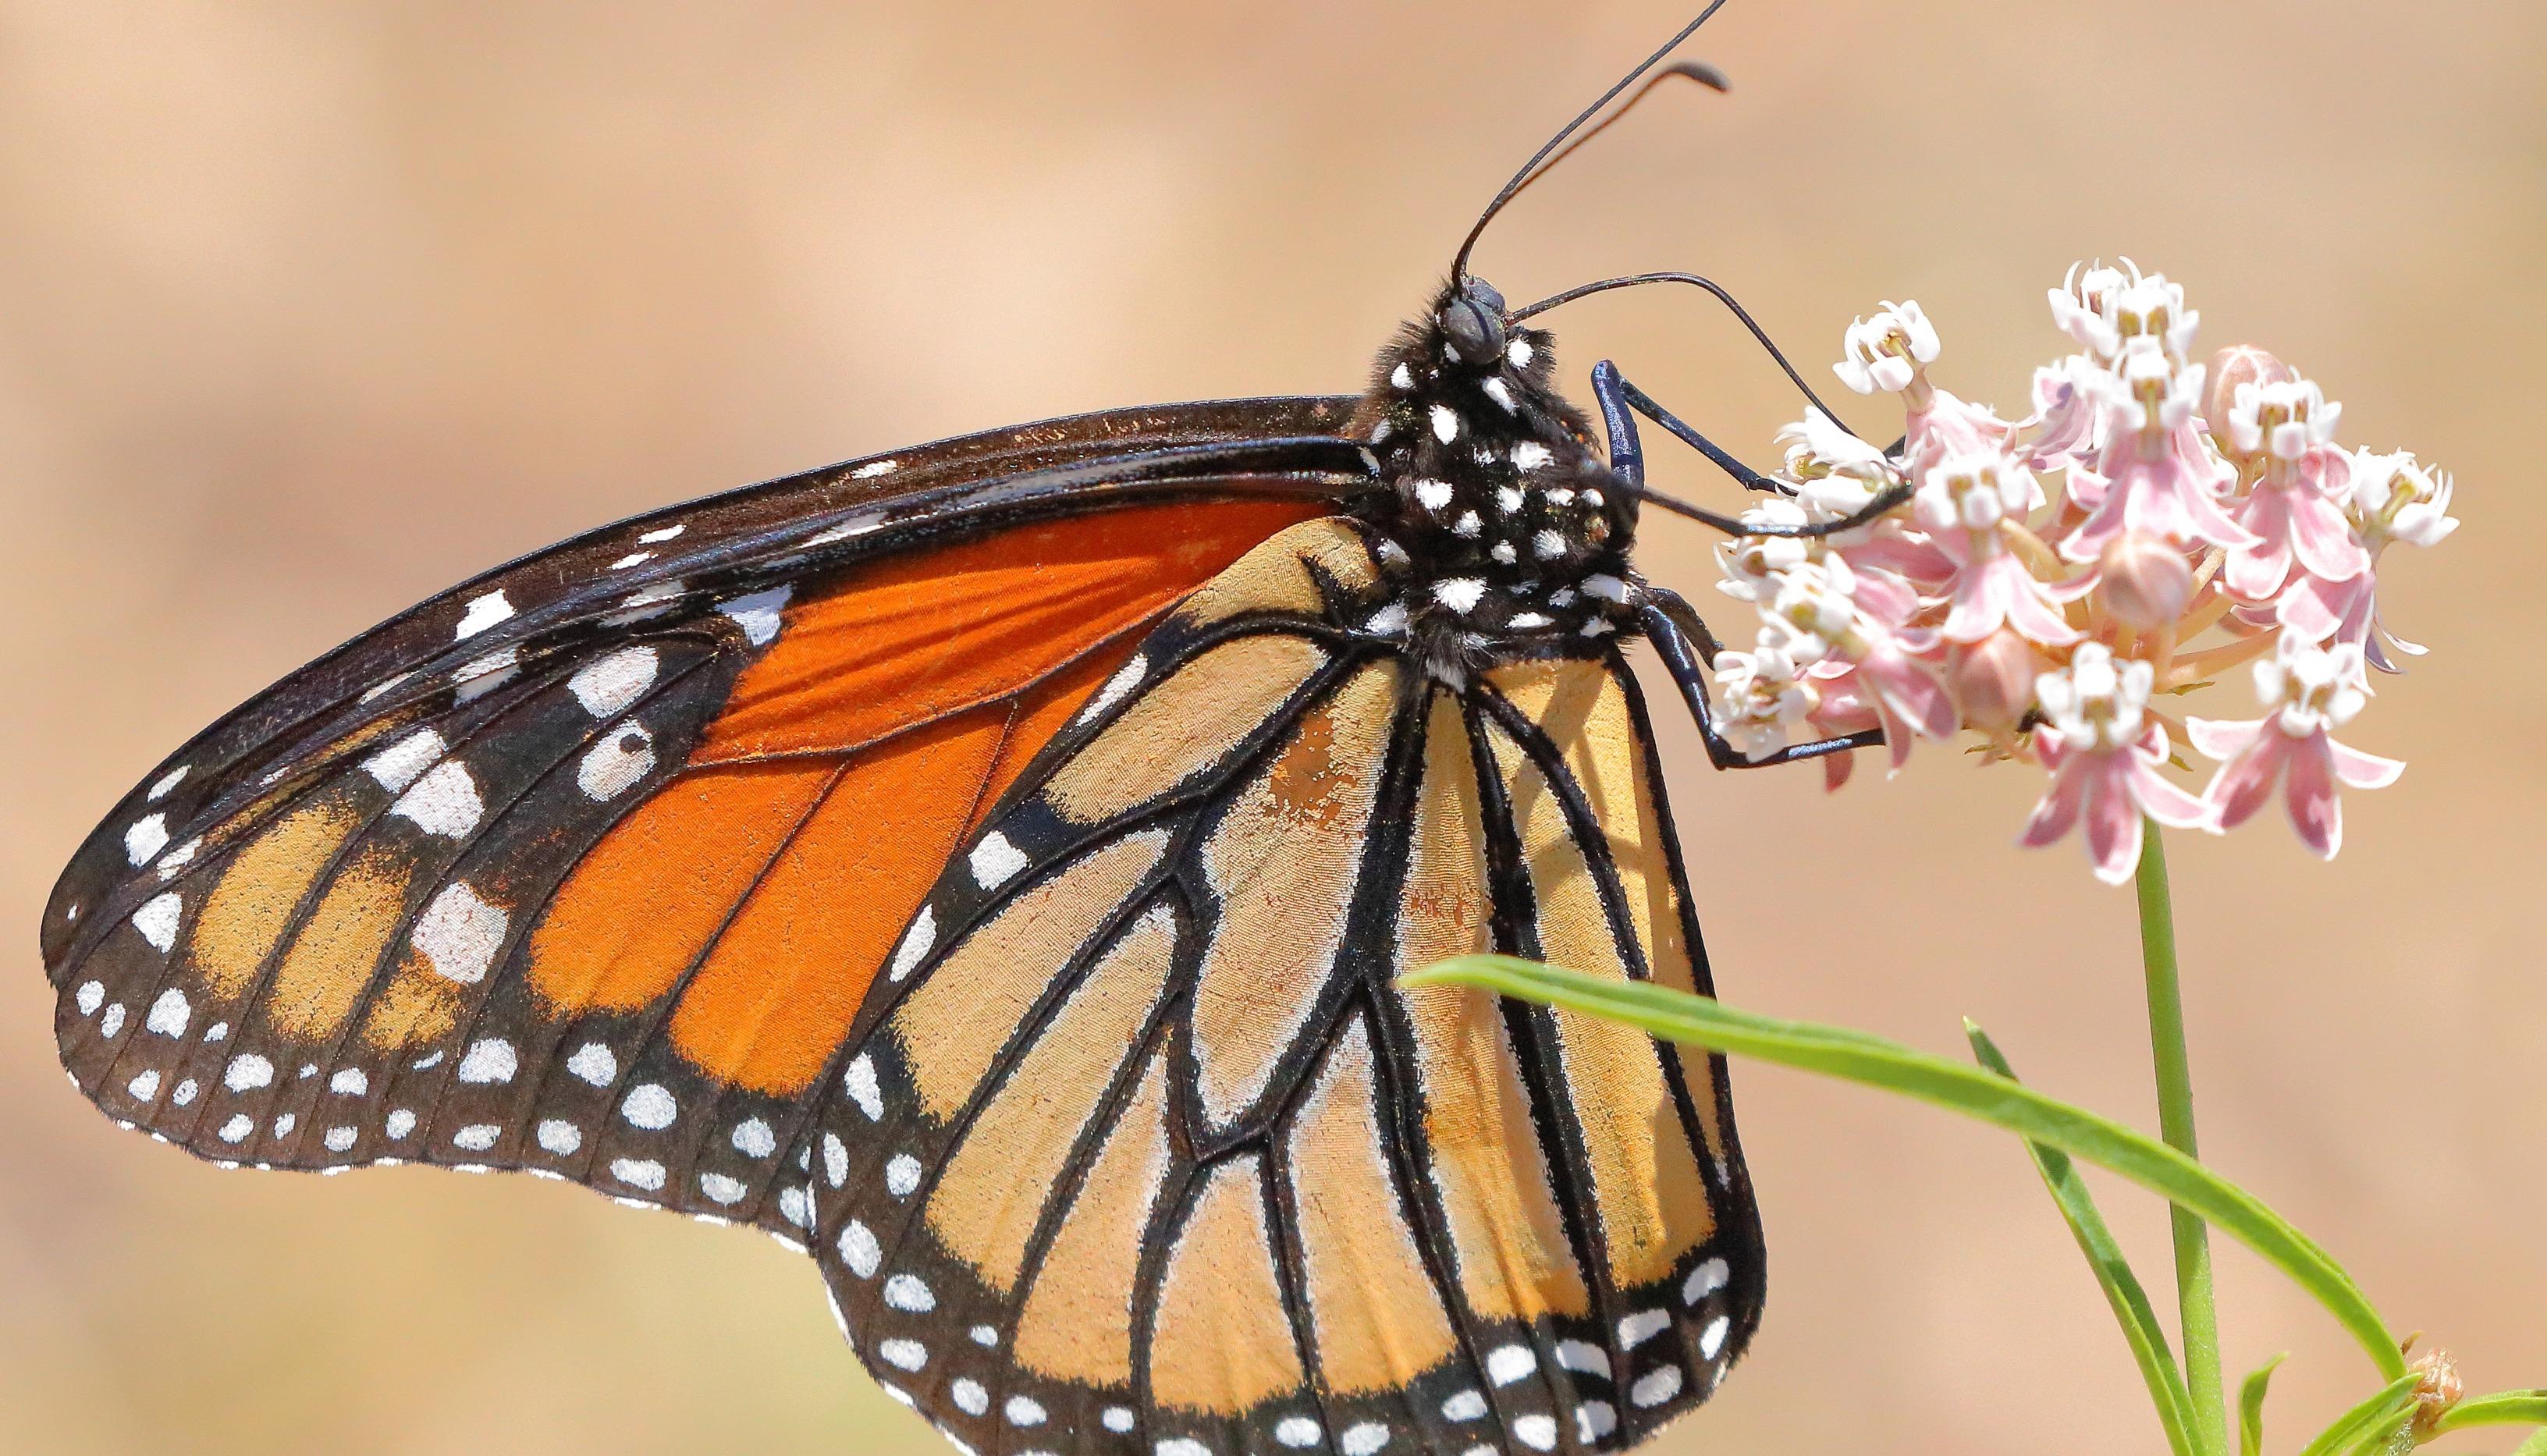 Monarch Butterfly - D-Mauk - 2021-06 - 2